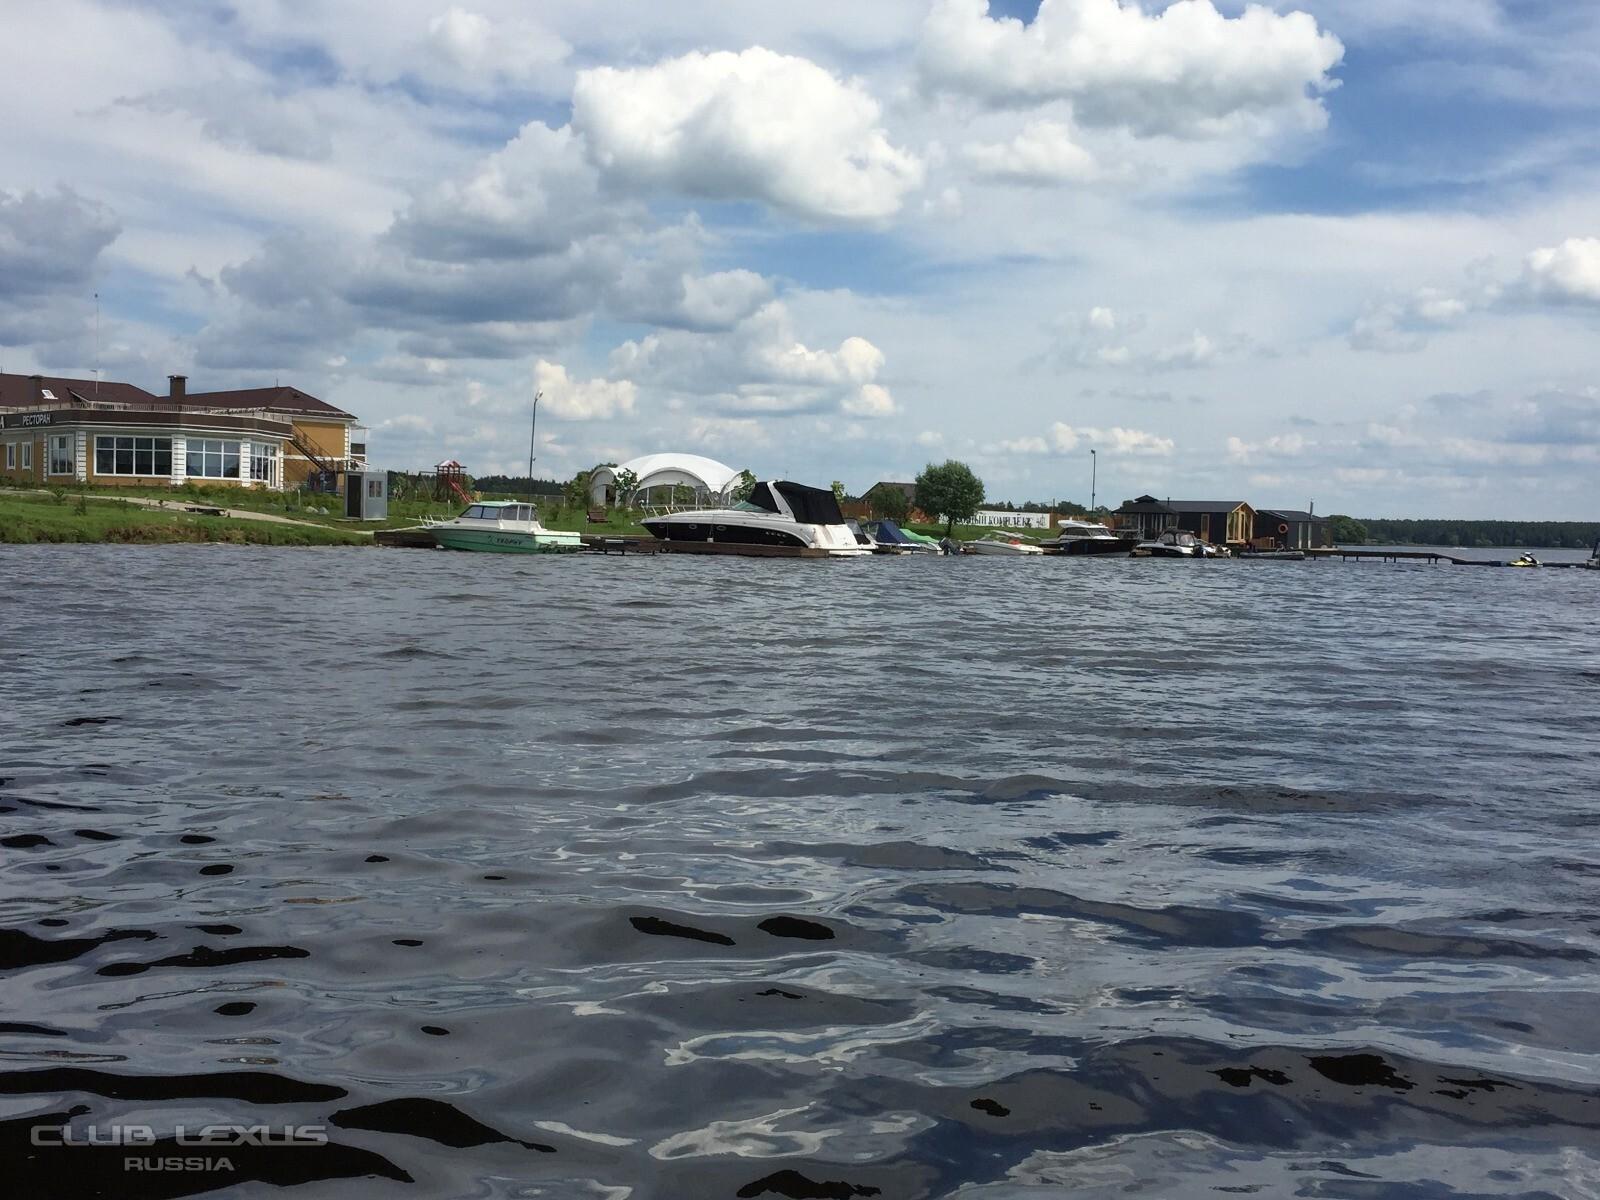 Тверская область река волга и нерль фото